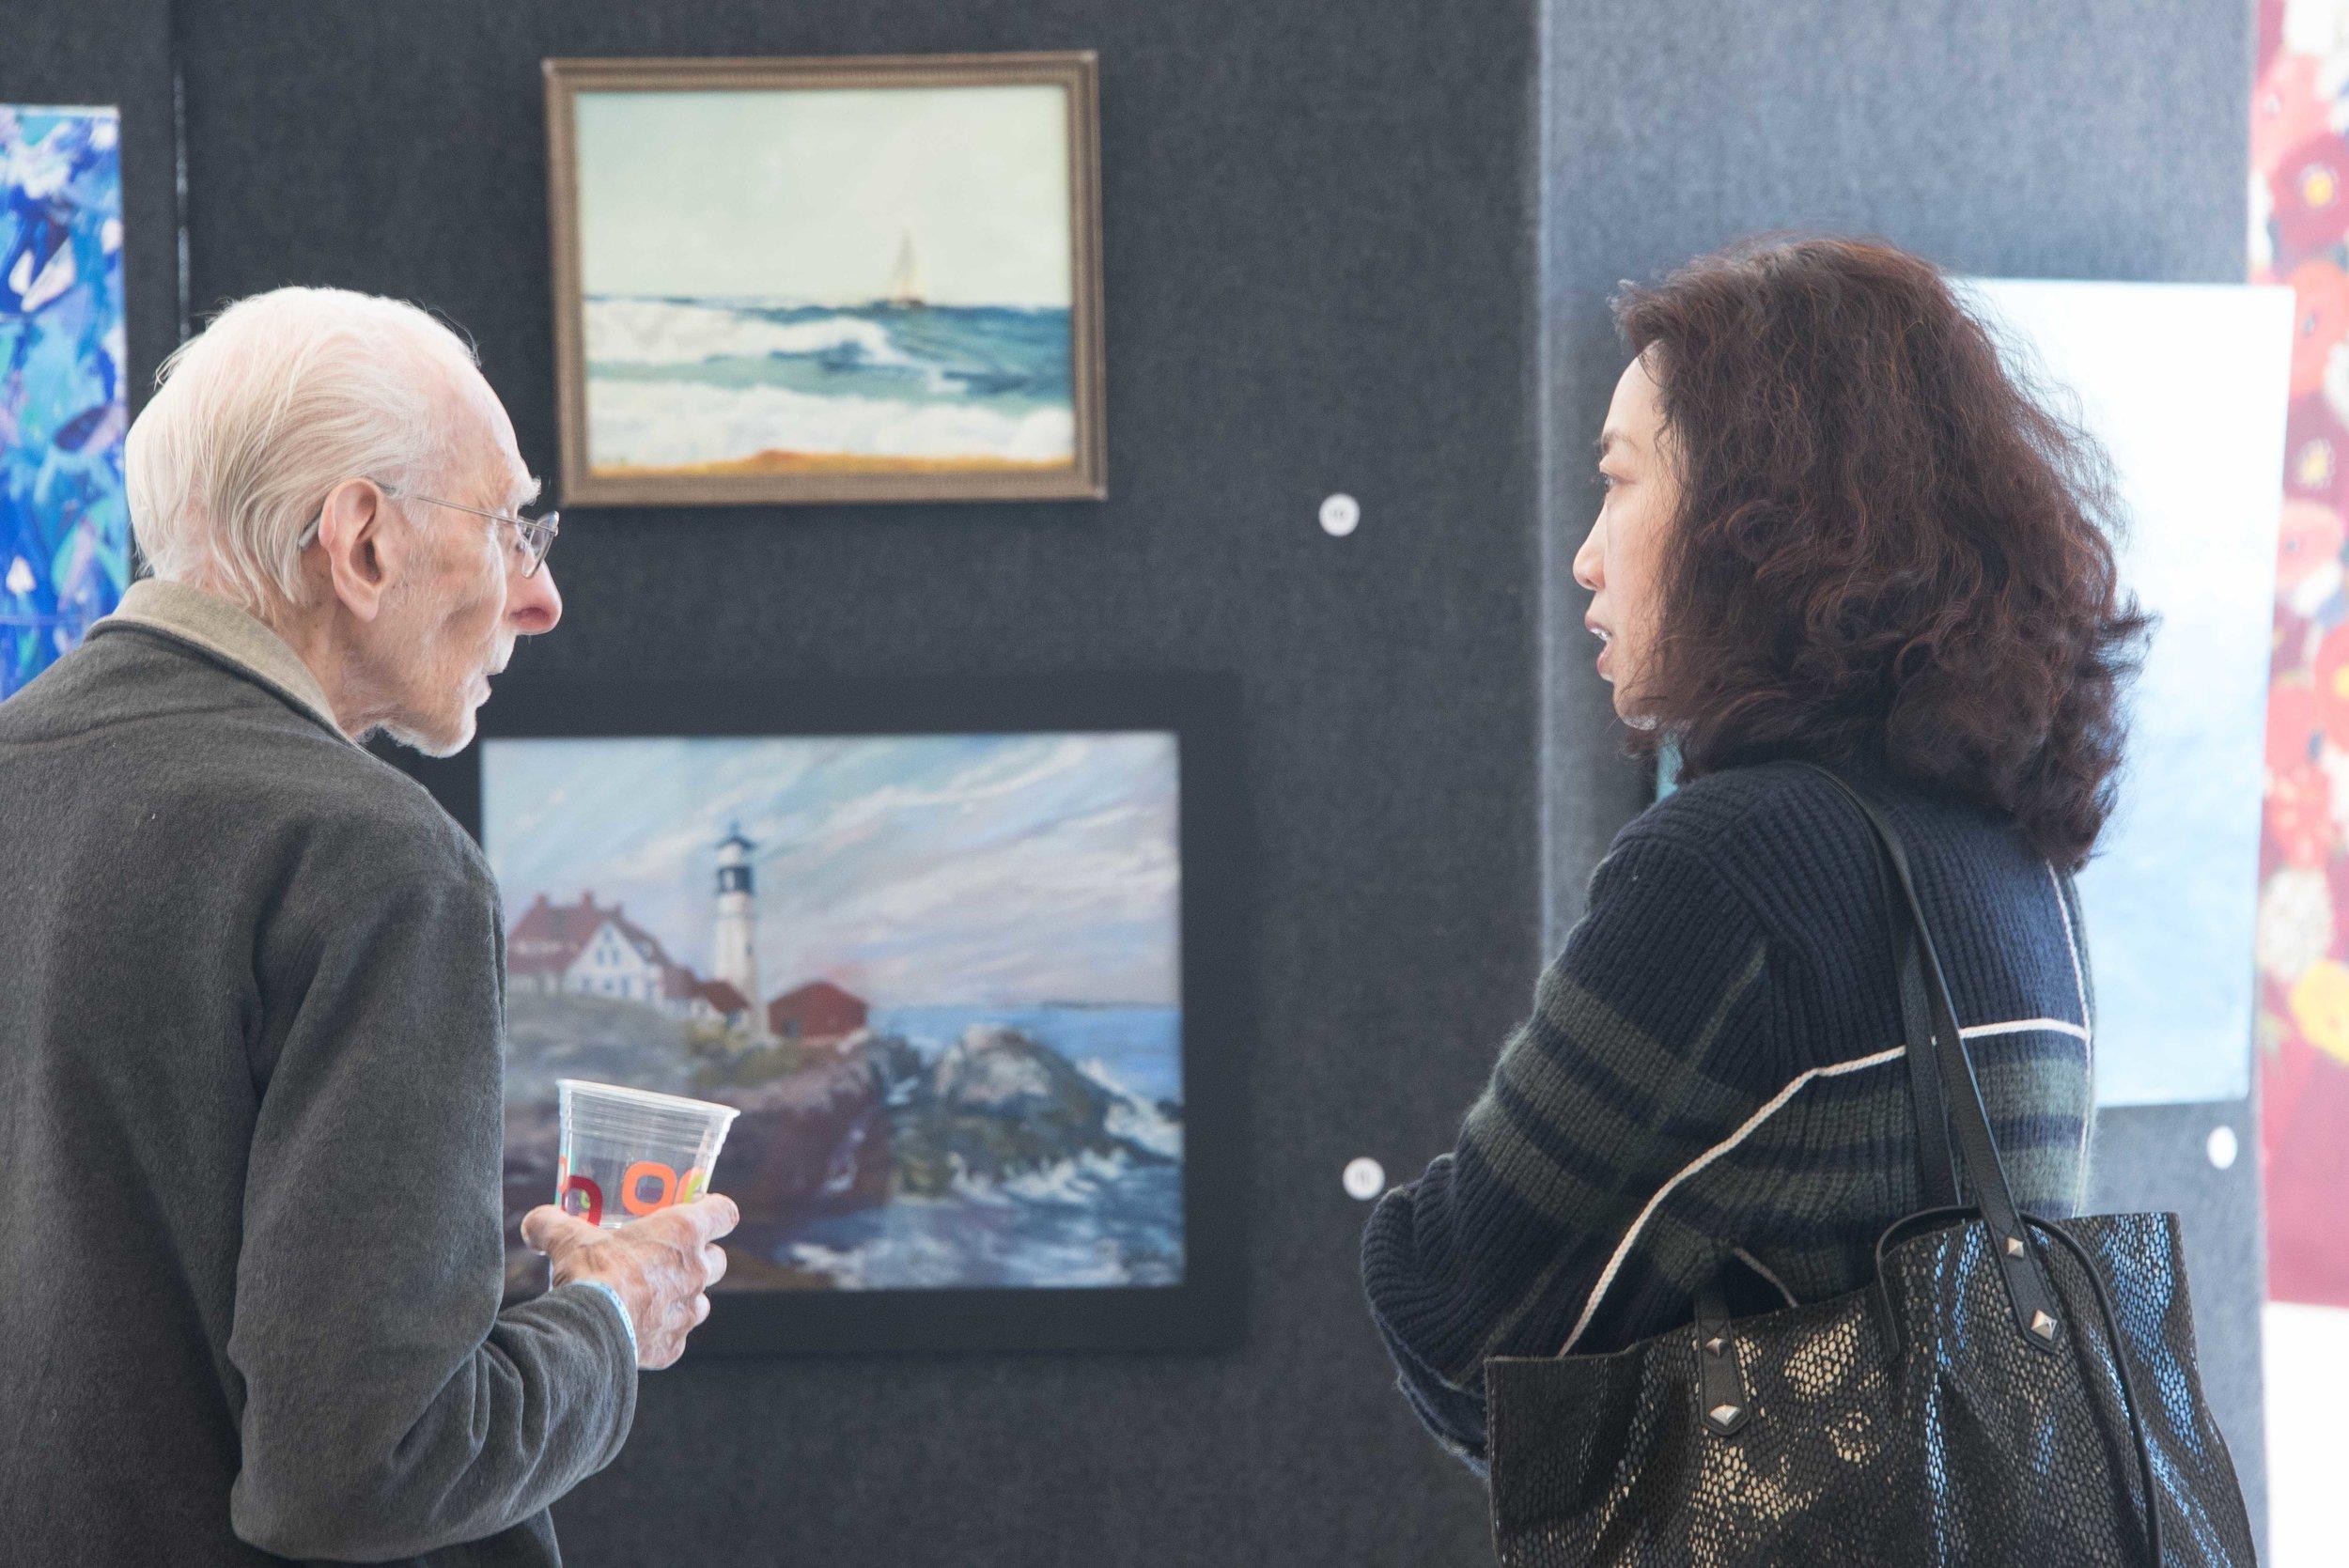 20190209 artswayland gallery-5.jpg